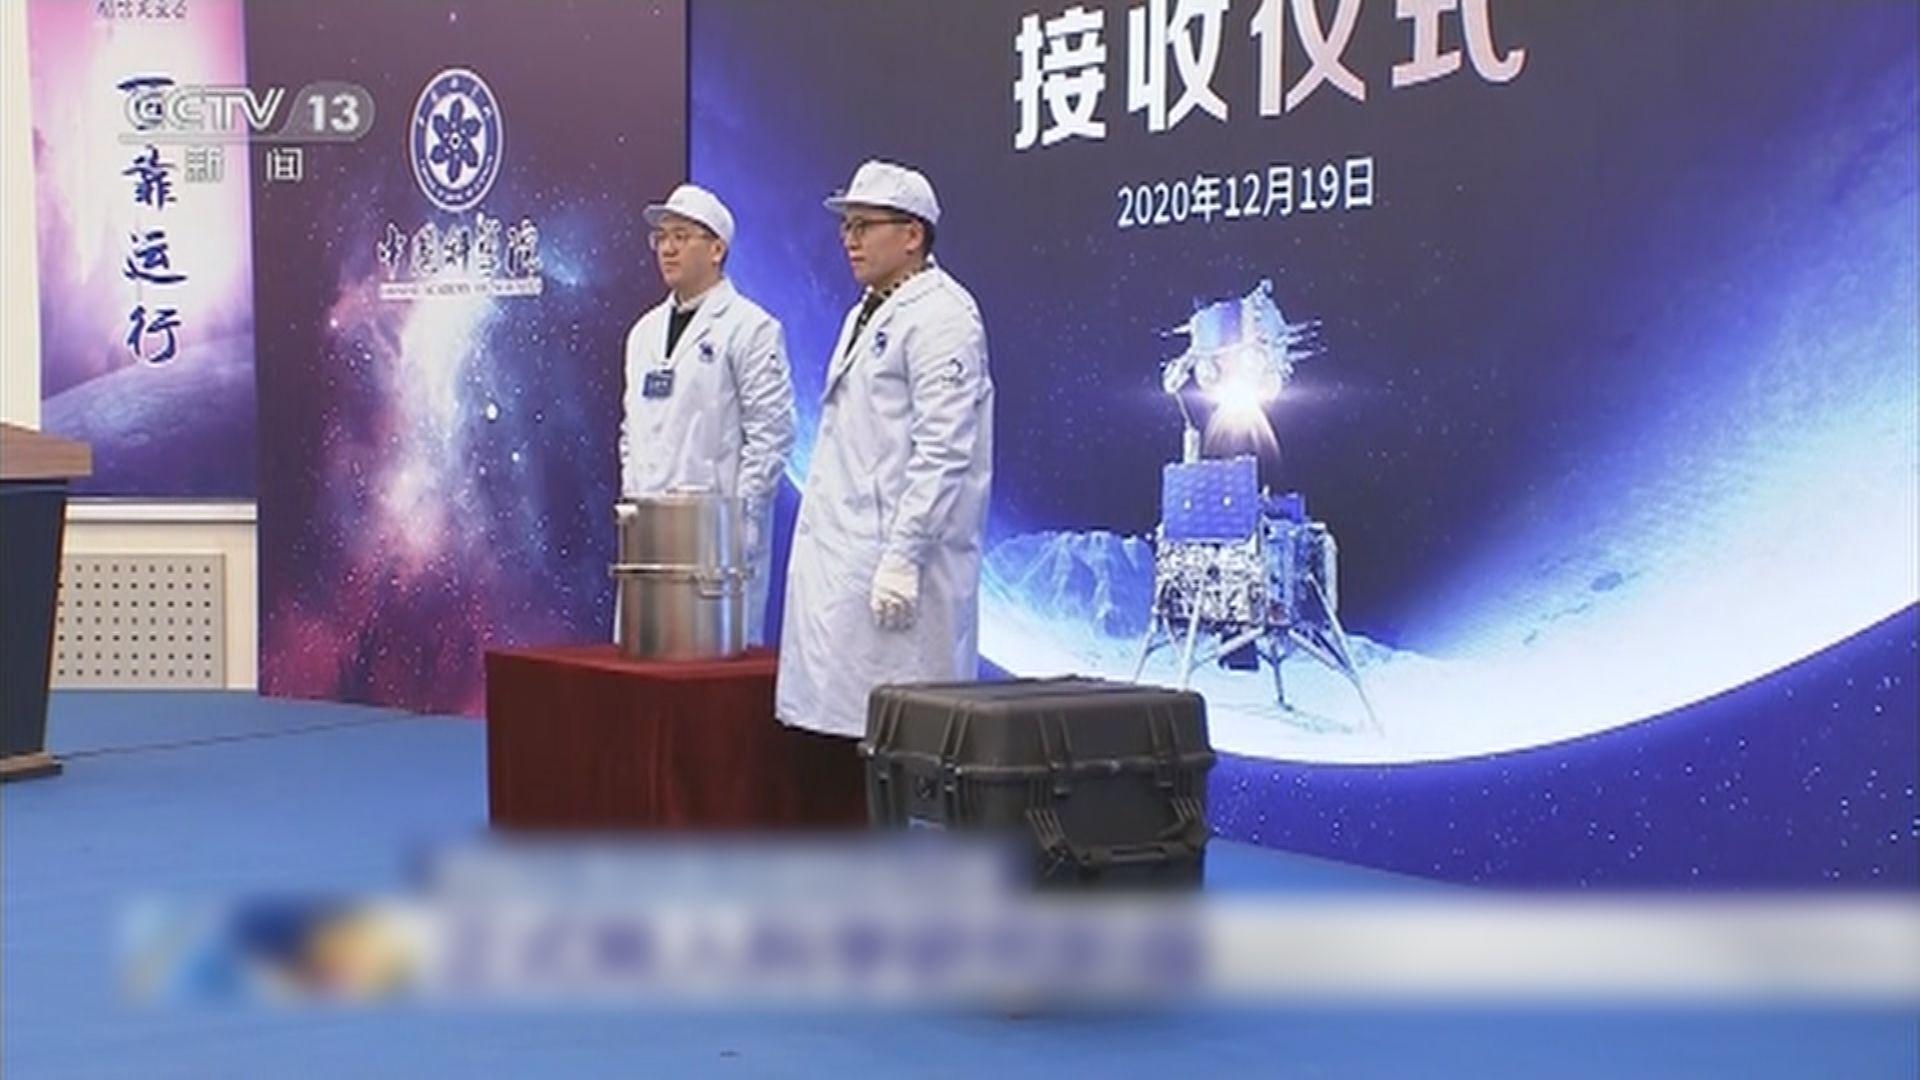 國家航天局移交月壤樣品 正式展開科研工作